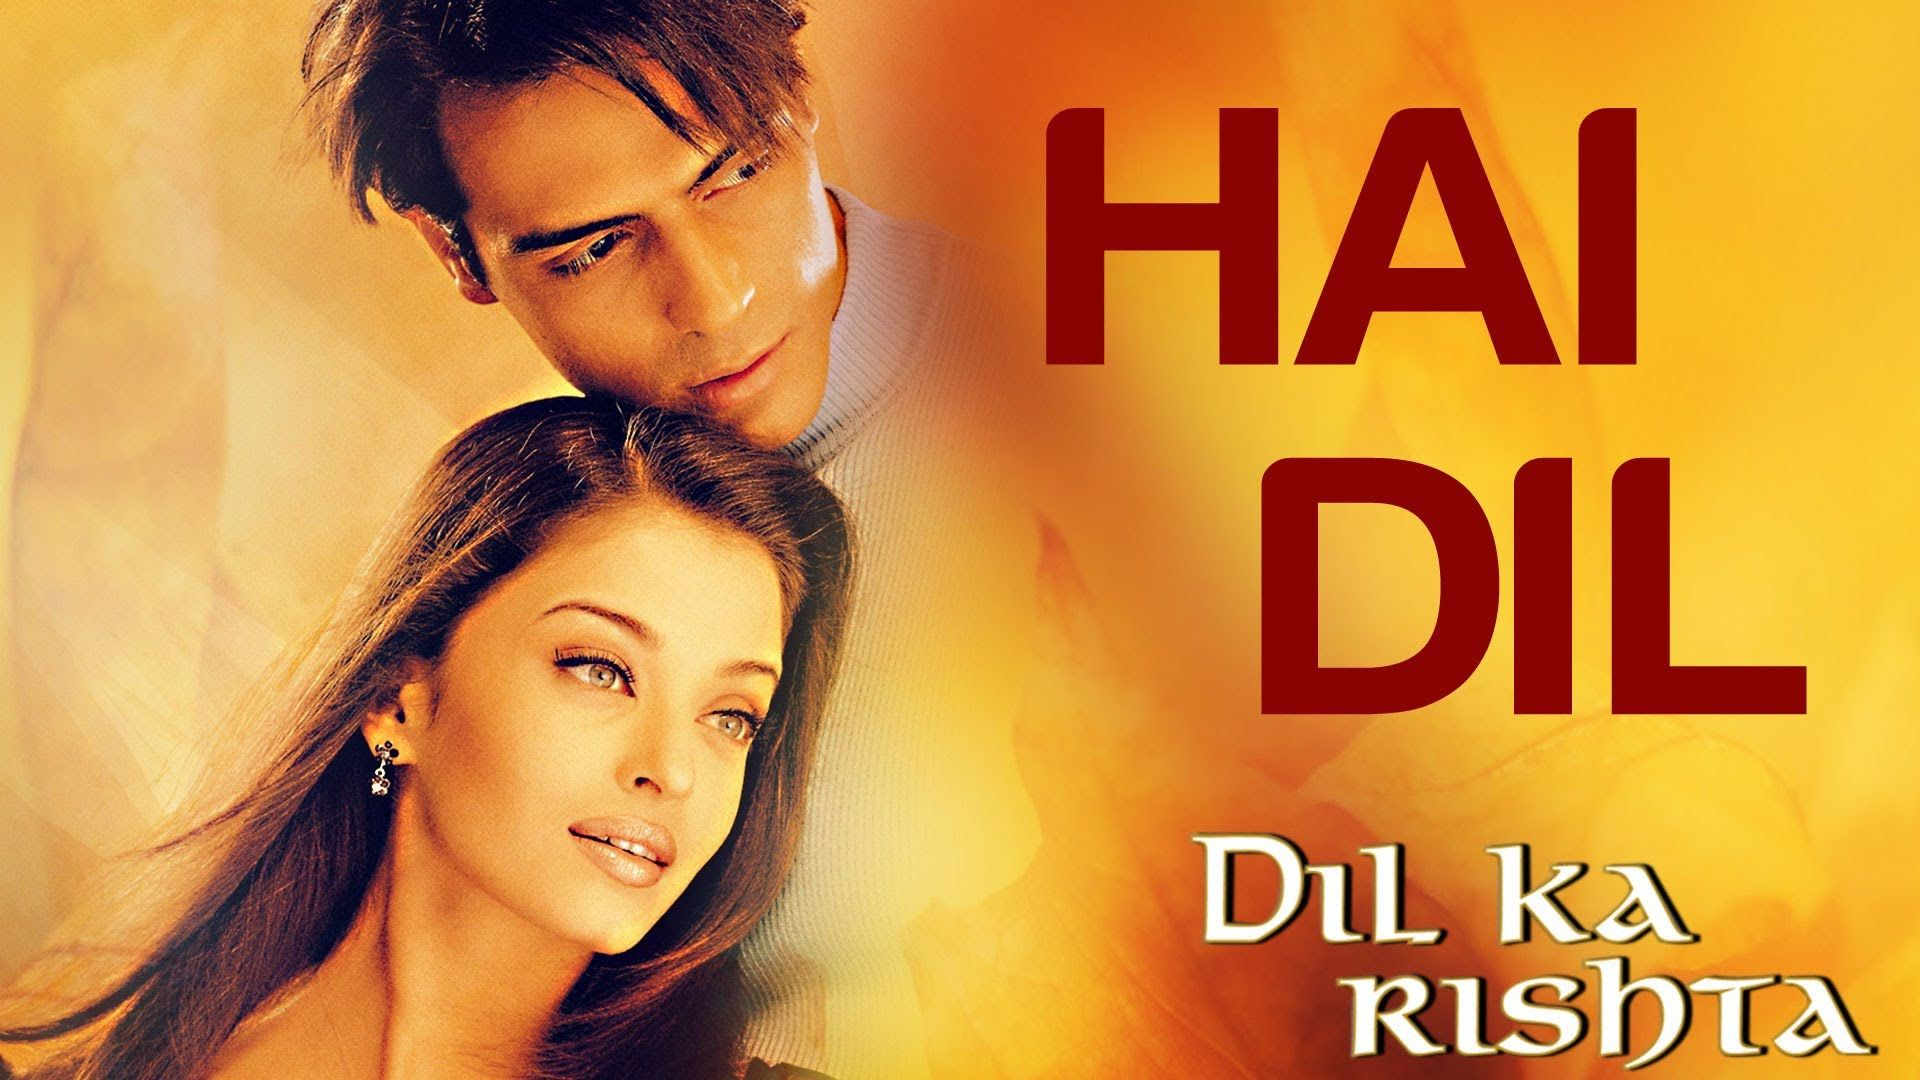 Hai Dil Dil Ka Rishta Arjun Rampal Aishwarya Rai Alka Yagnik K Bollywood Movie Songs Bollywood Music Hindi Movie Song